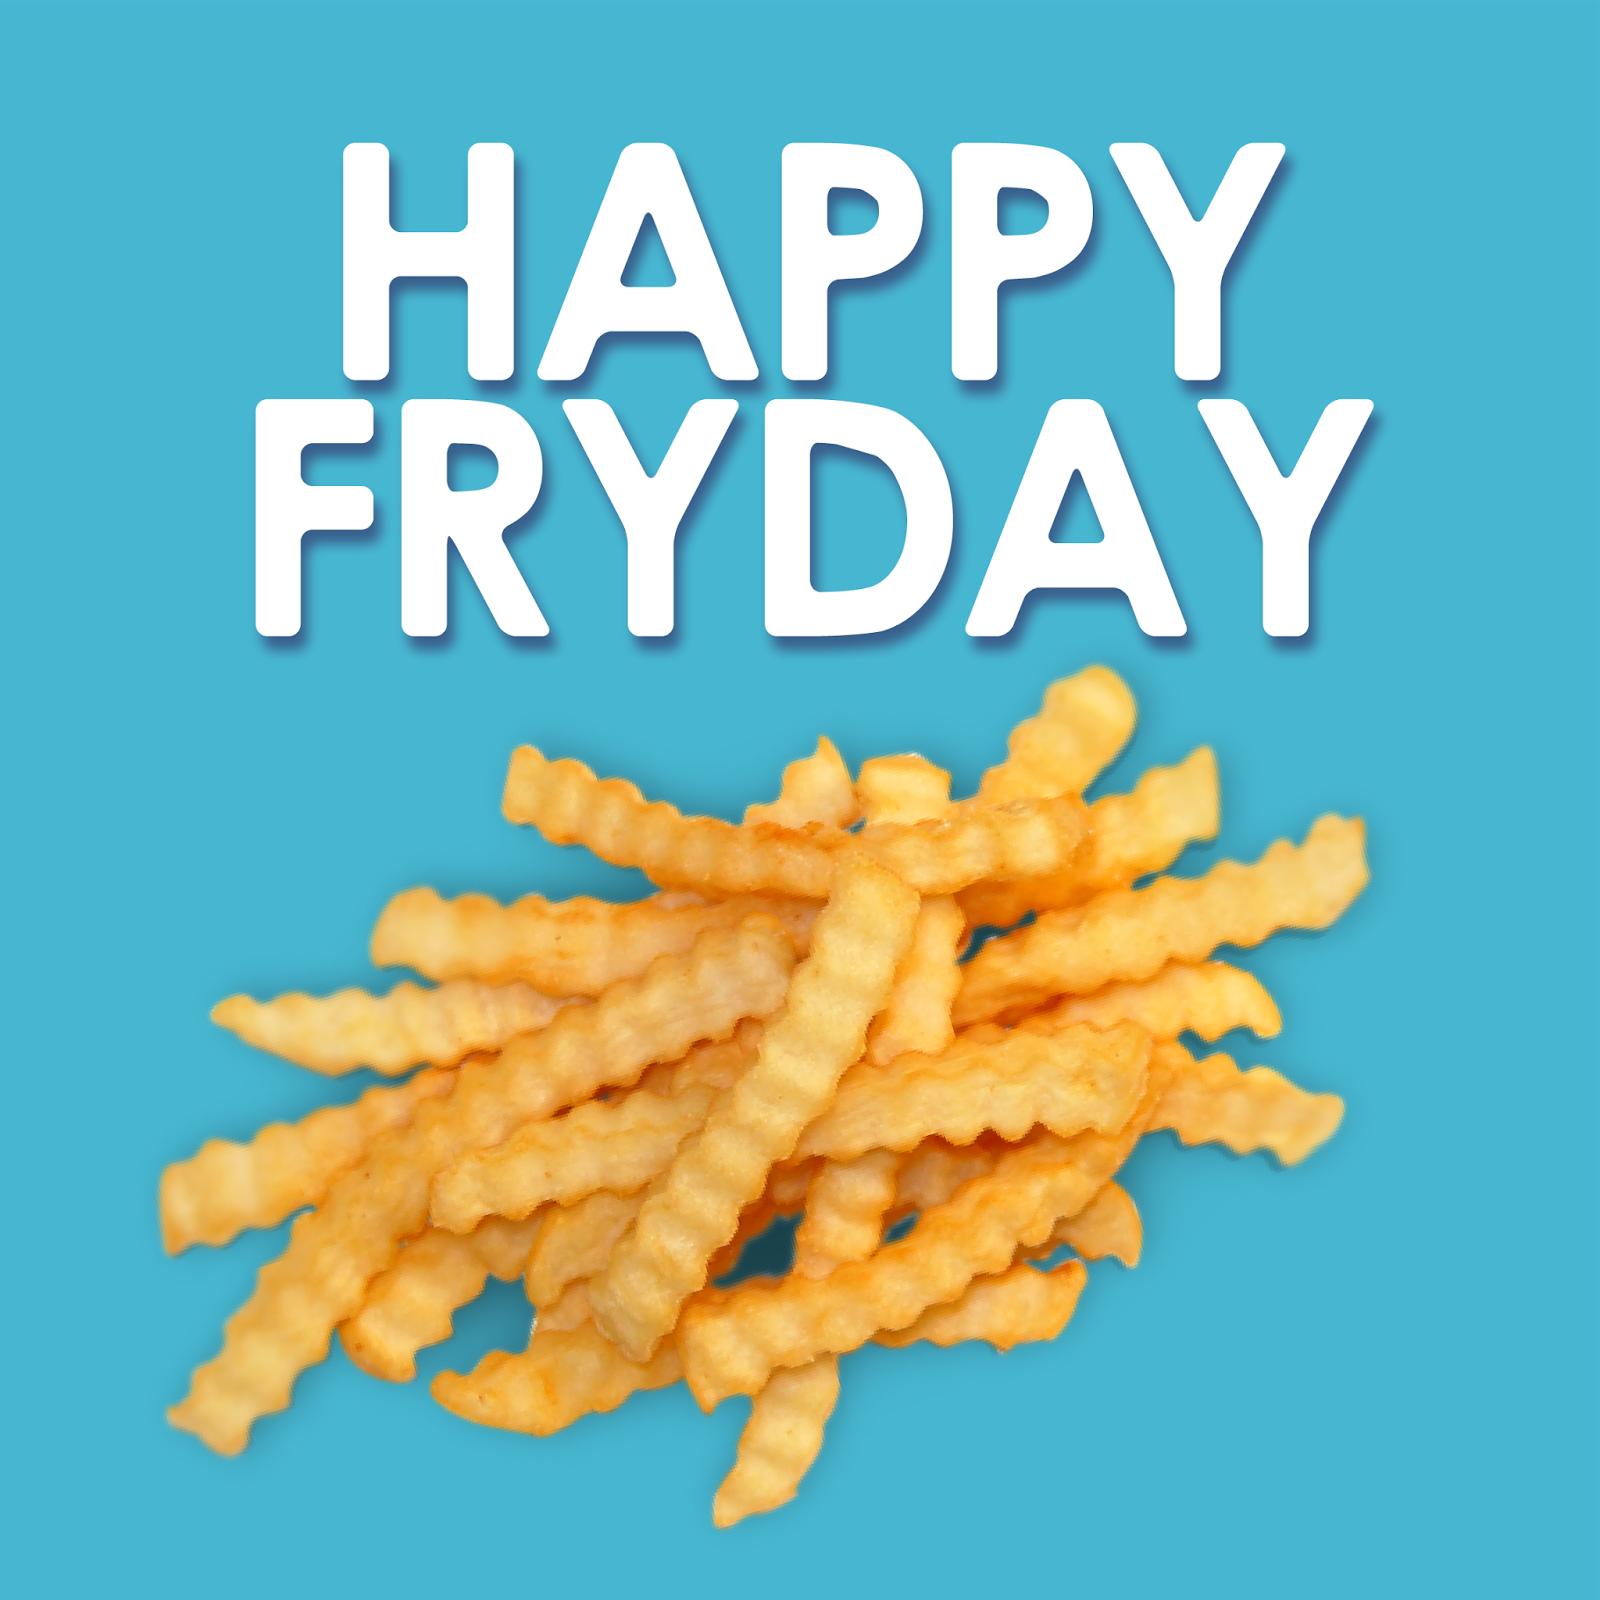 Happy Friday / Fryday Happy